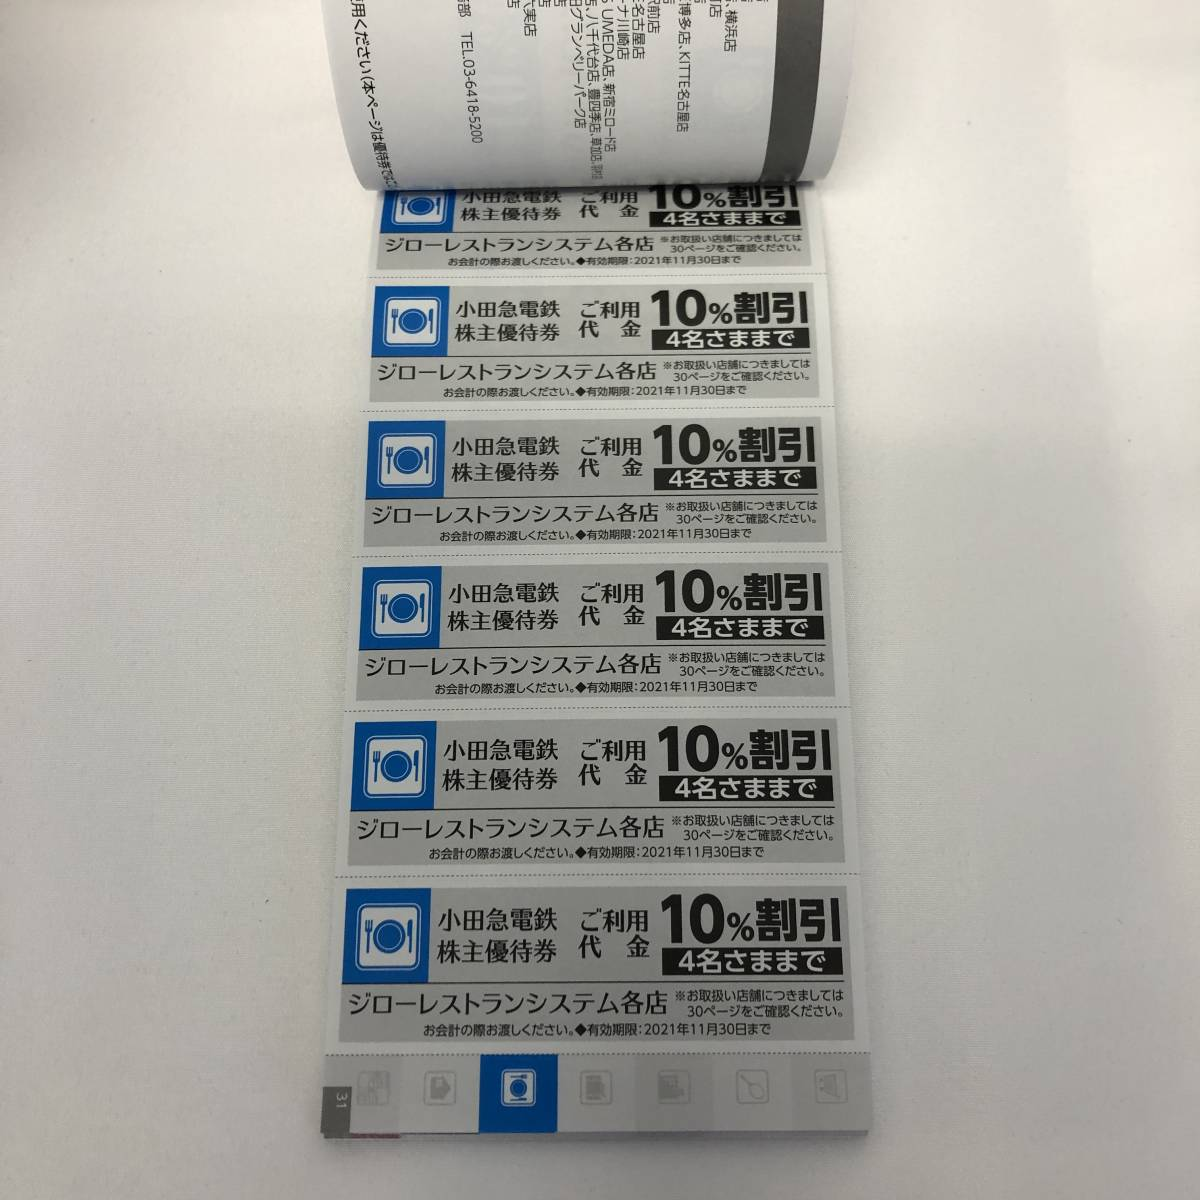 【975192】小田急電鉄 株主優待 冊子 2021年11月30日まで_画像9